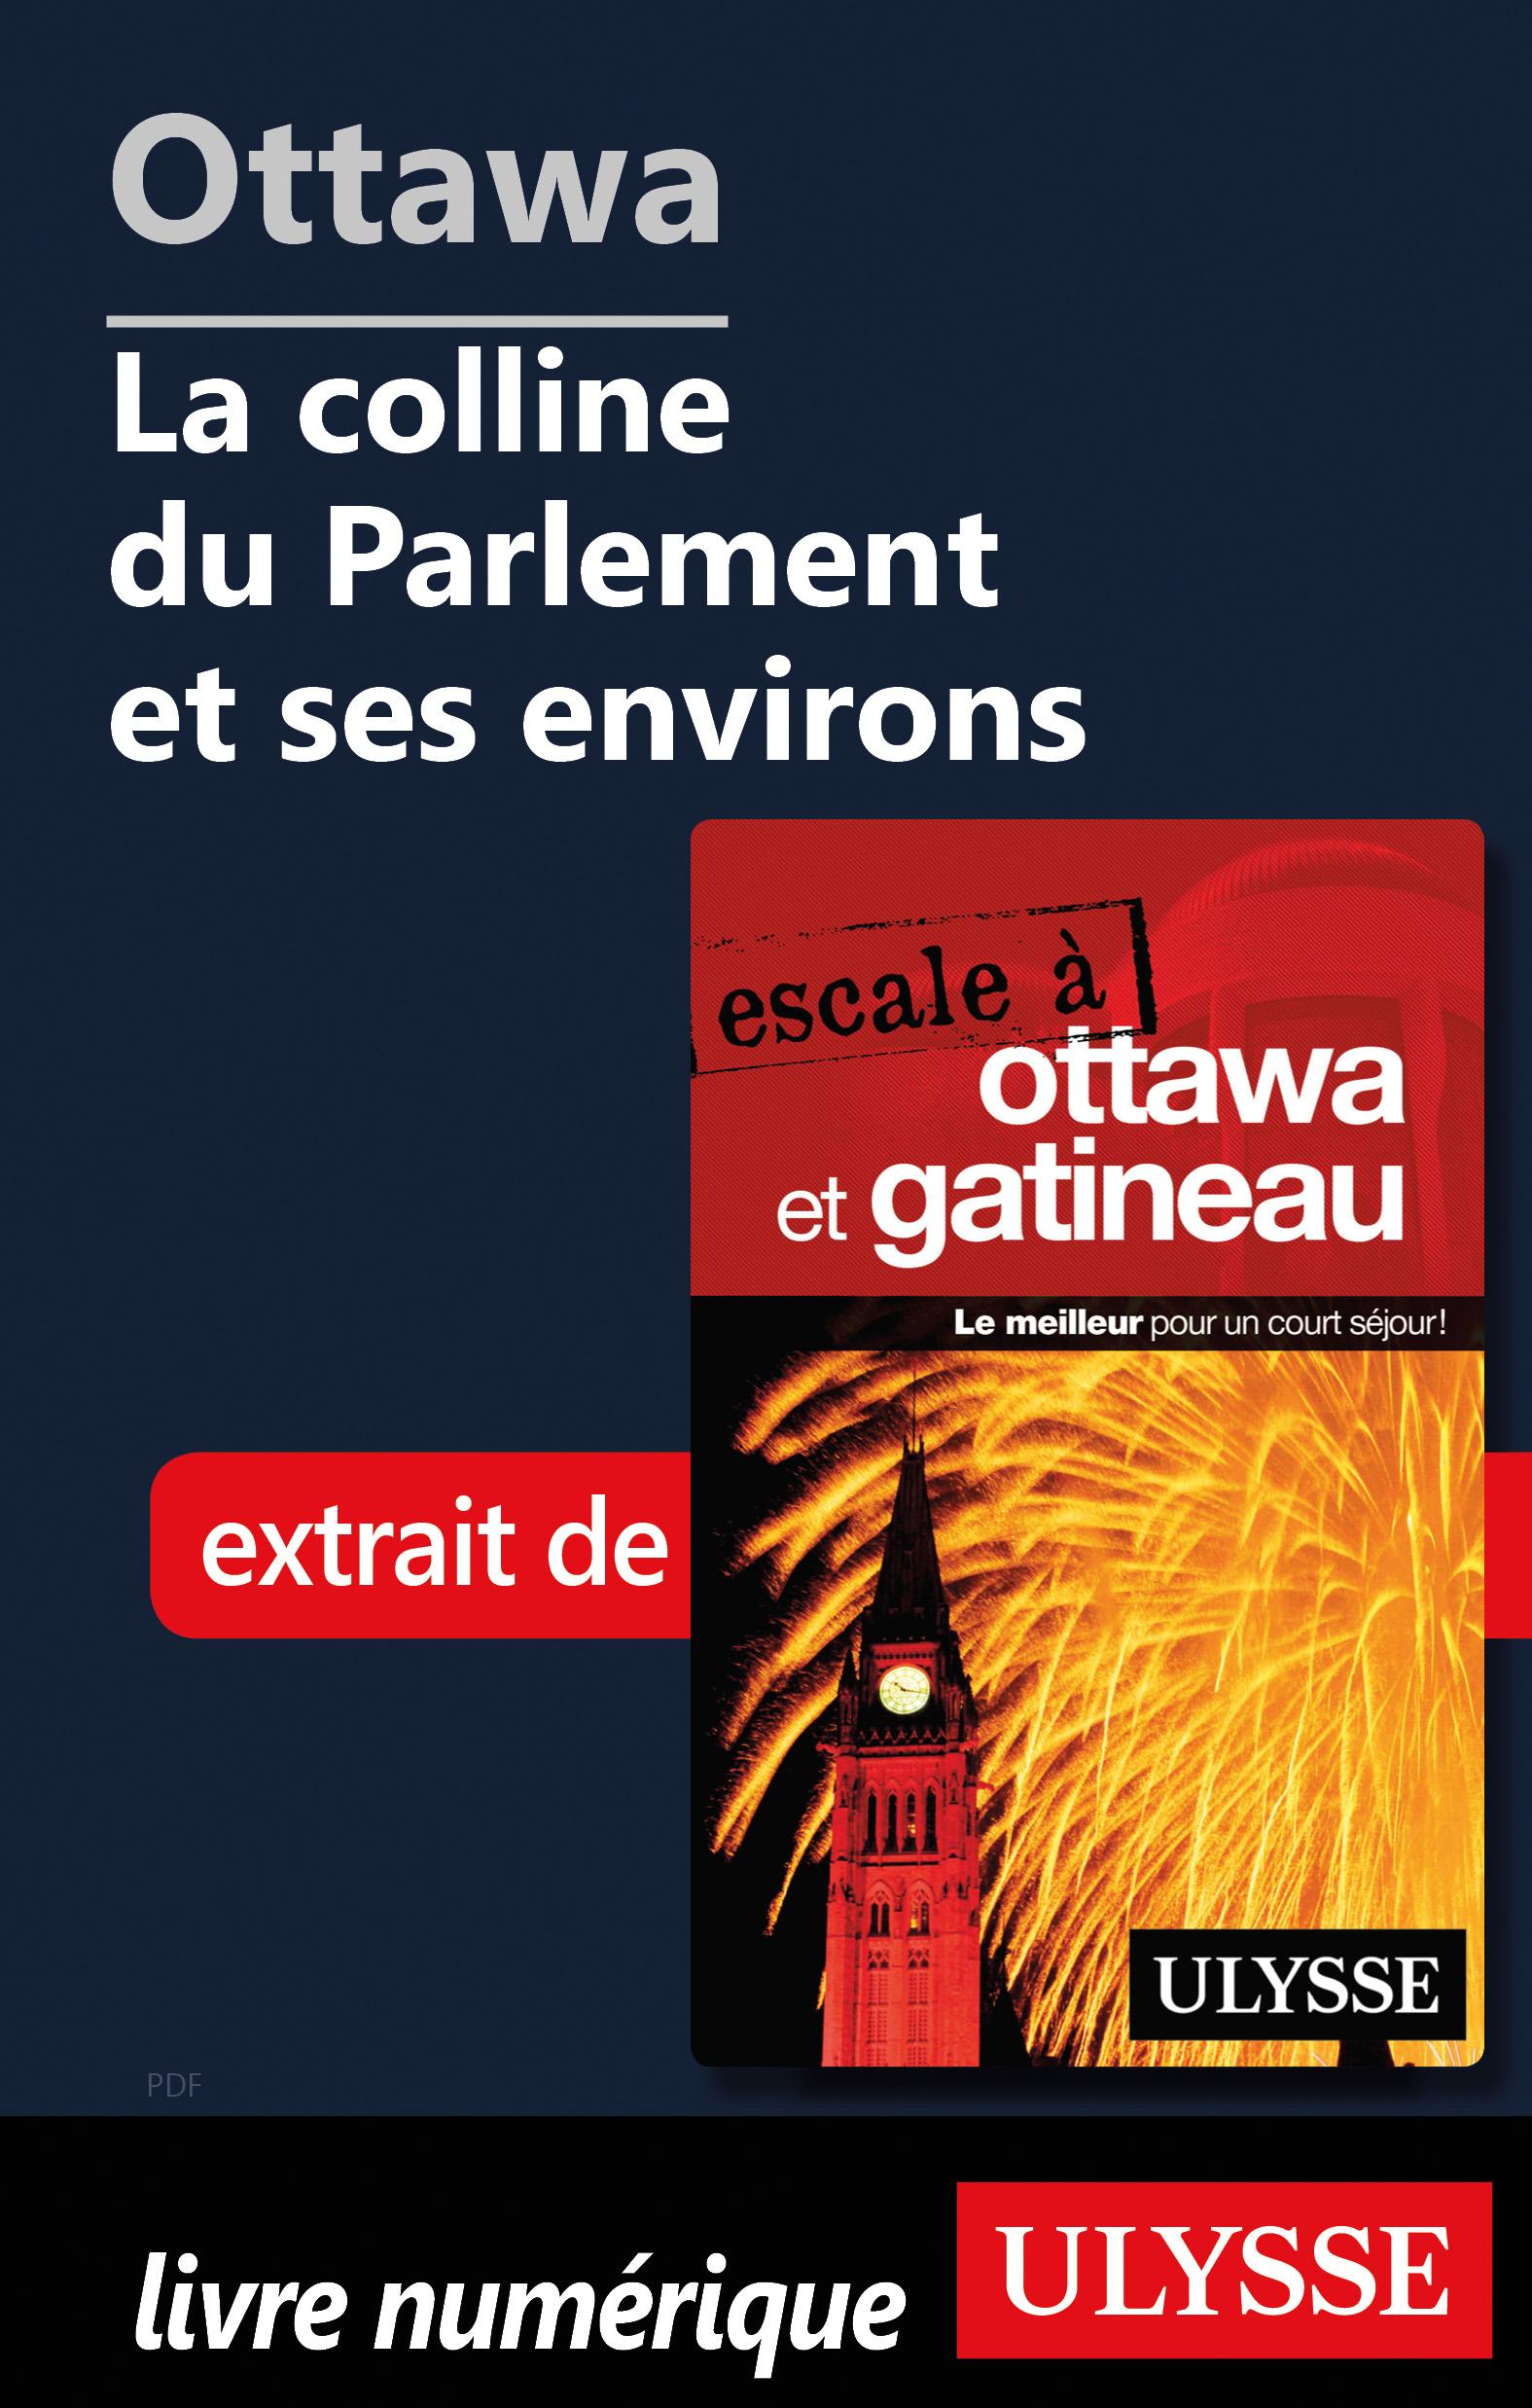 Ottawa: La colline du Parlement et ses environs